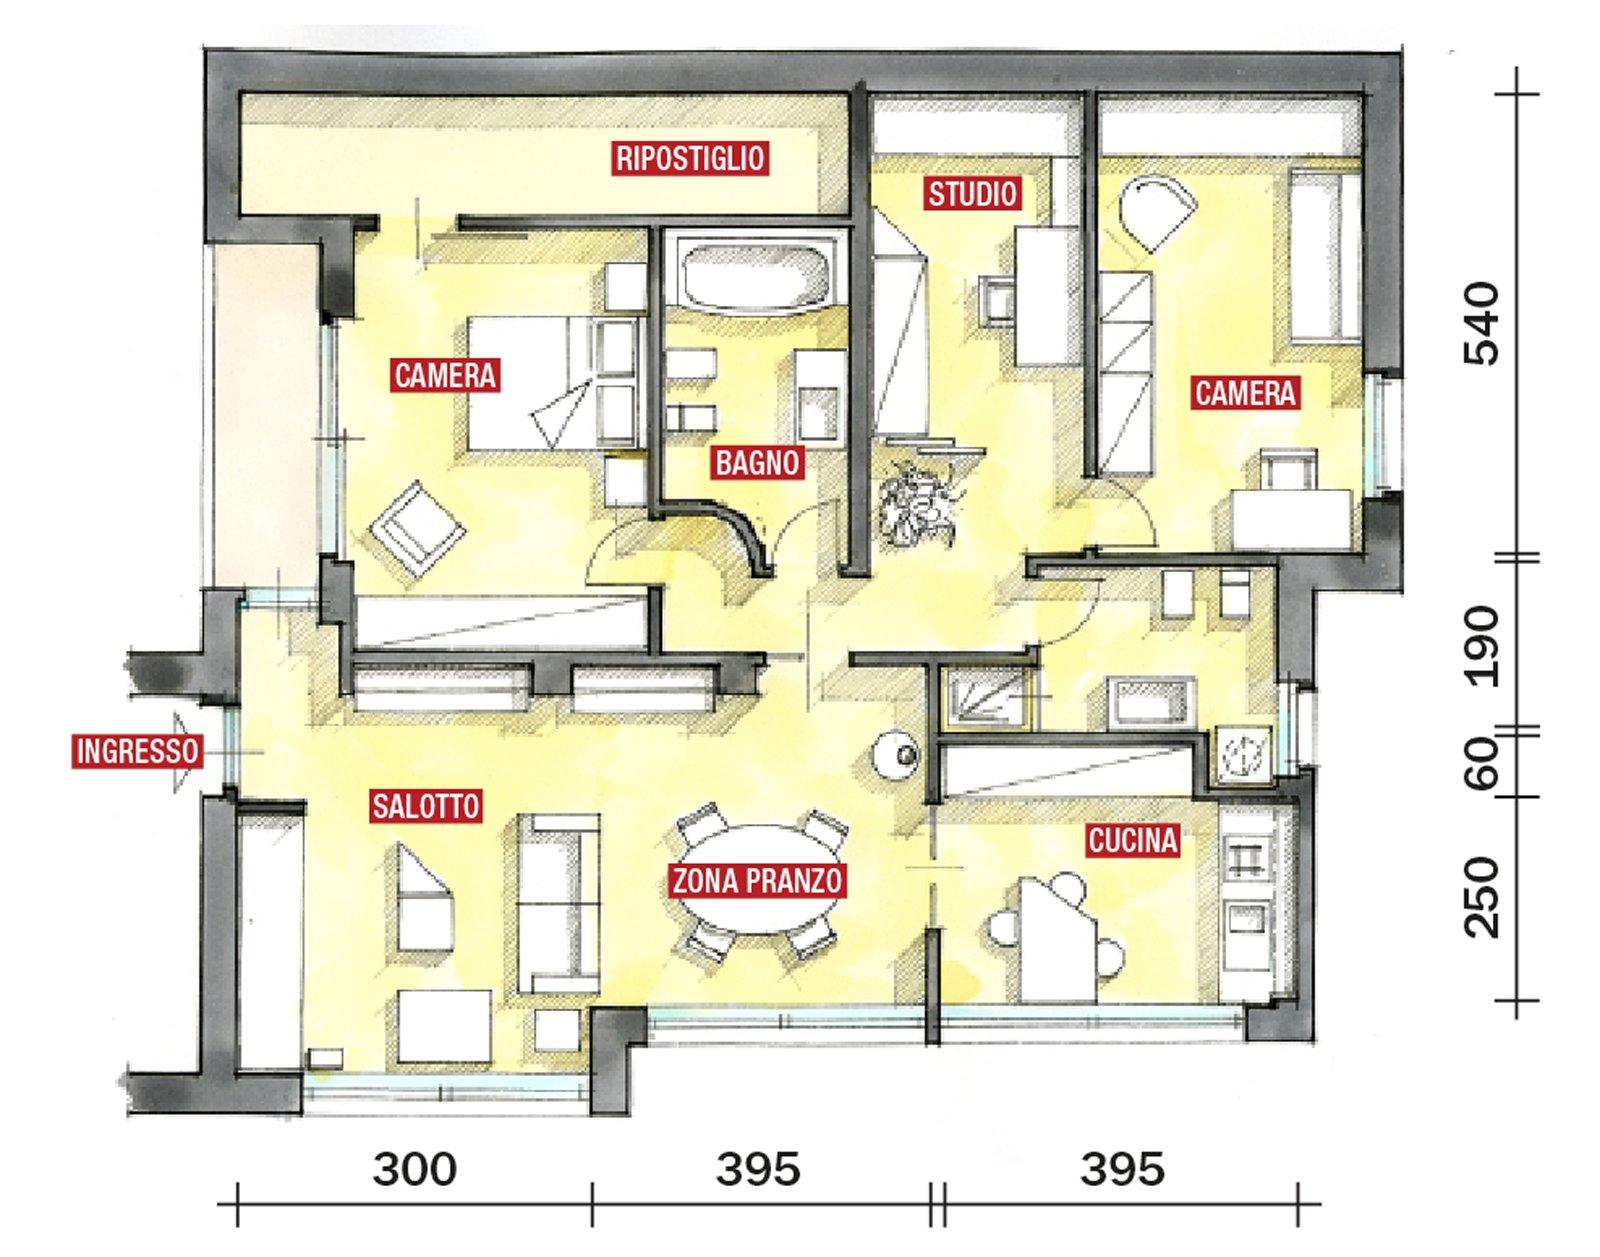 Casa in mansarda con le soluzioni giuste per gli spazi for Progetti di planimetrie di case di campagna